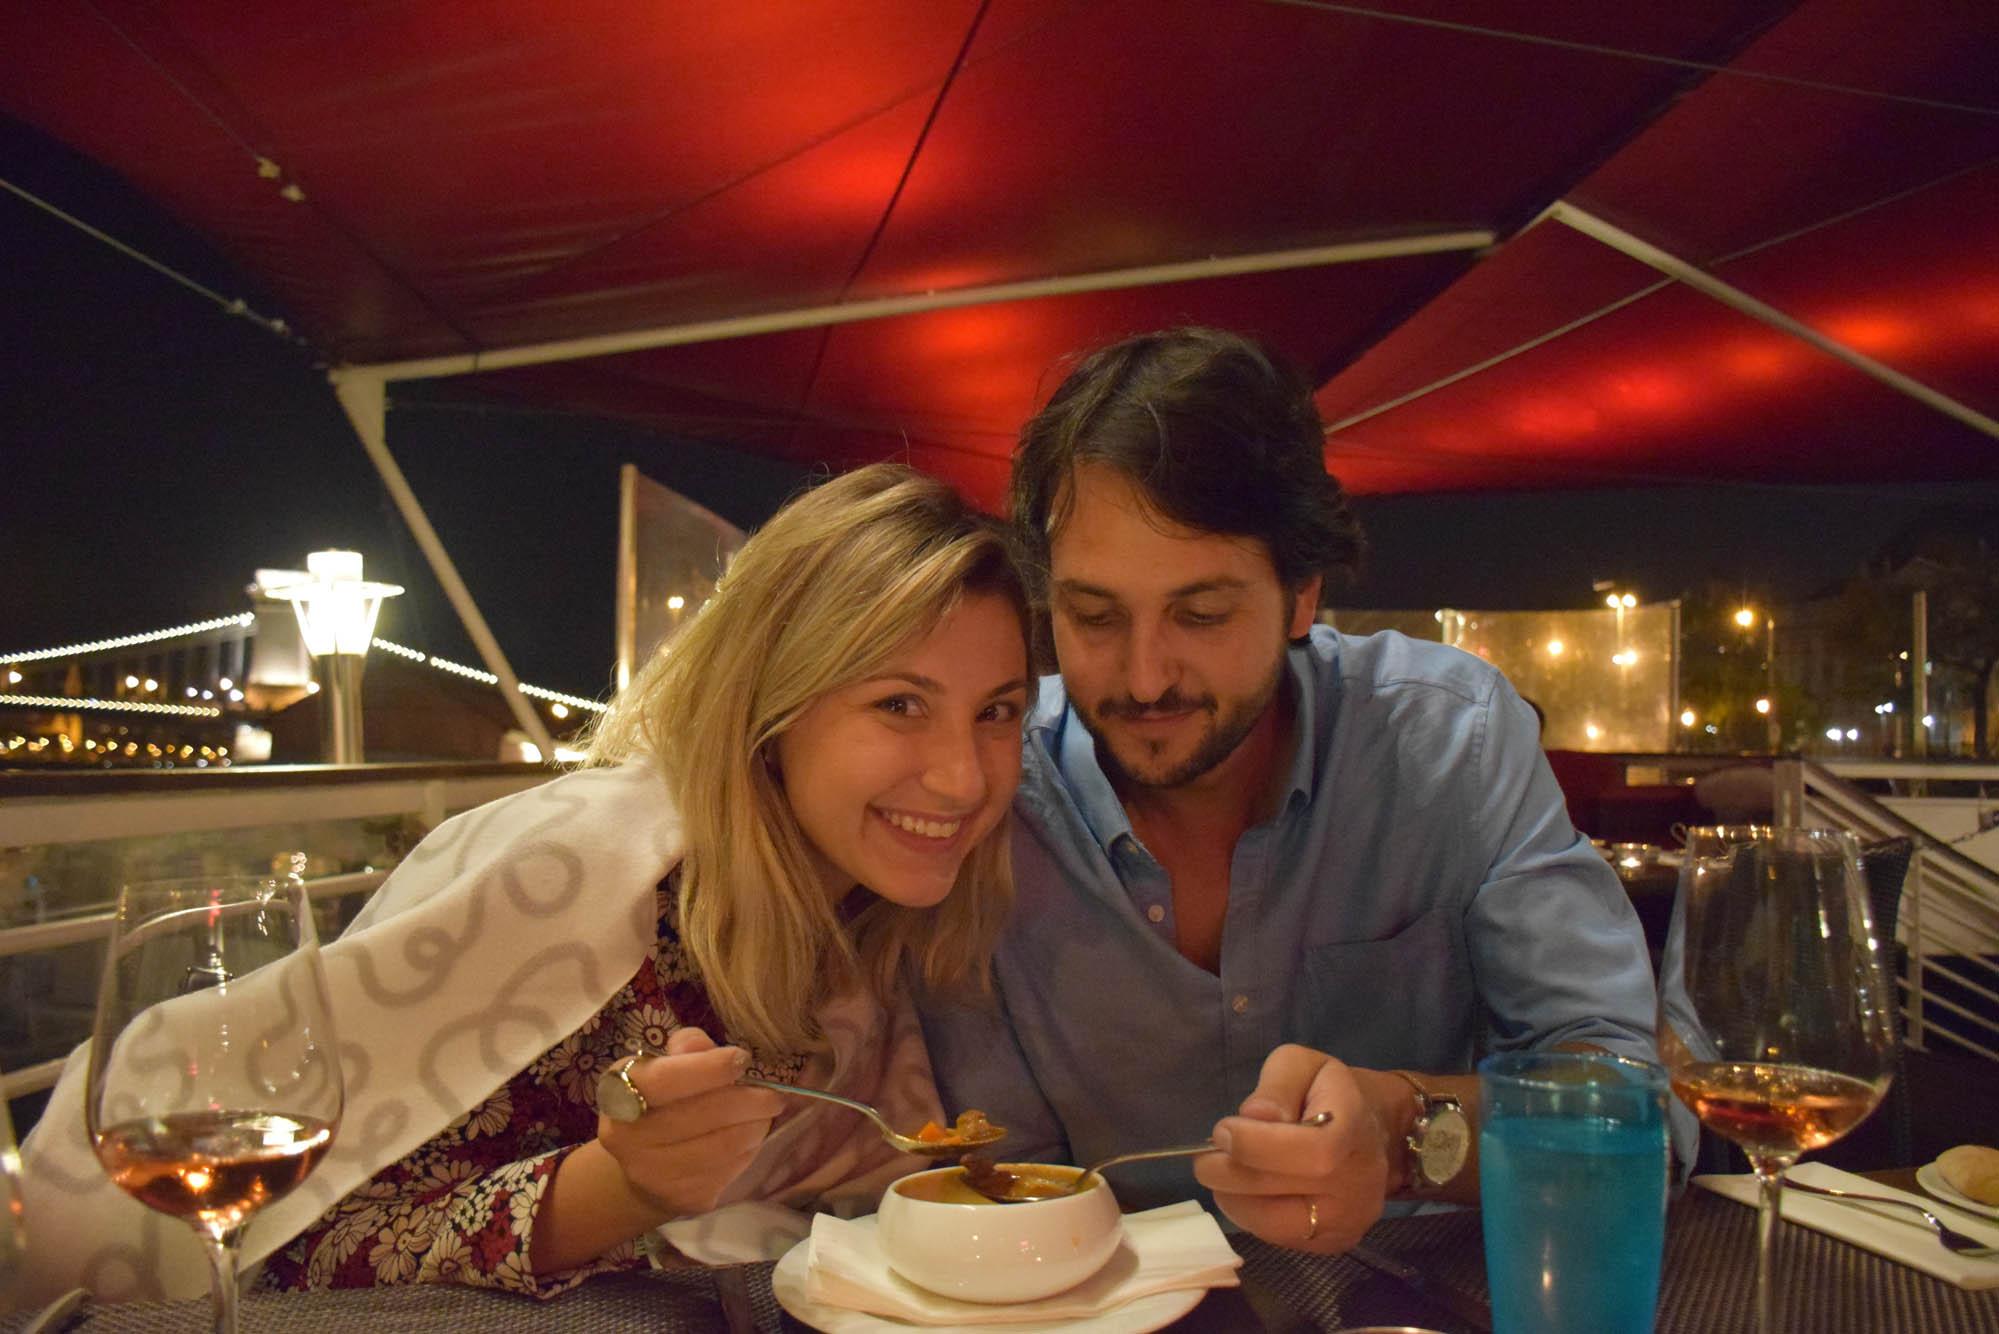 Restaurant Budapest - Spoon - Danube River